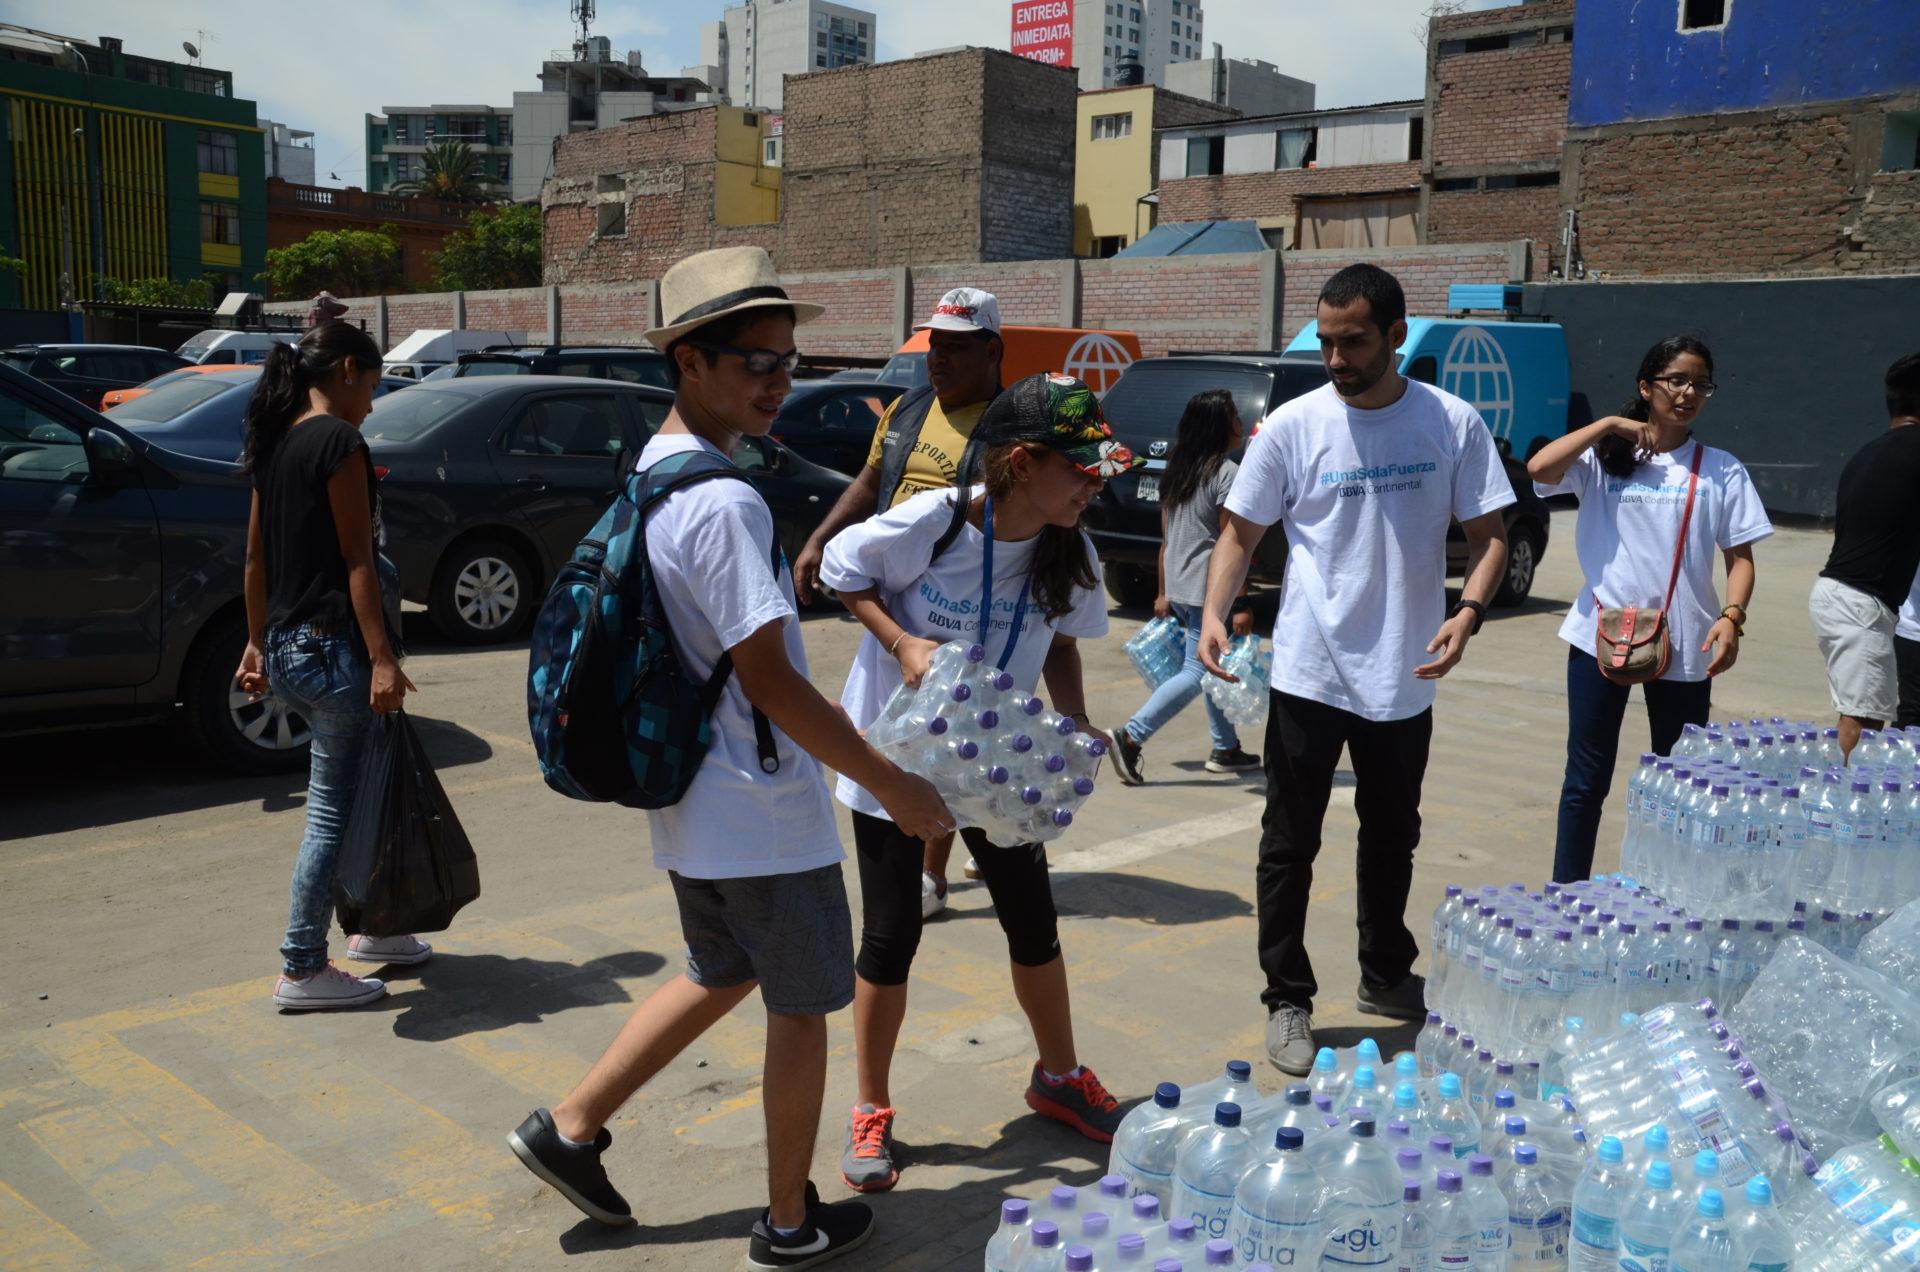 fotografia de inundaciones donaciones ayuda peru bbva